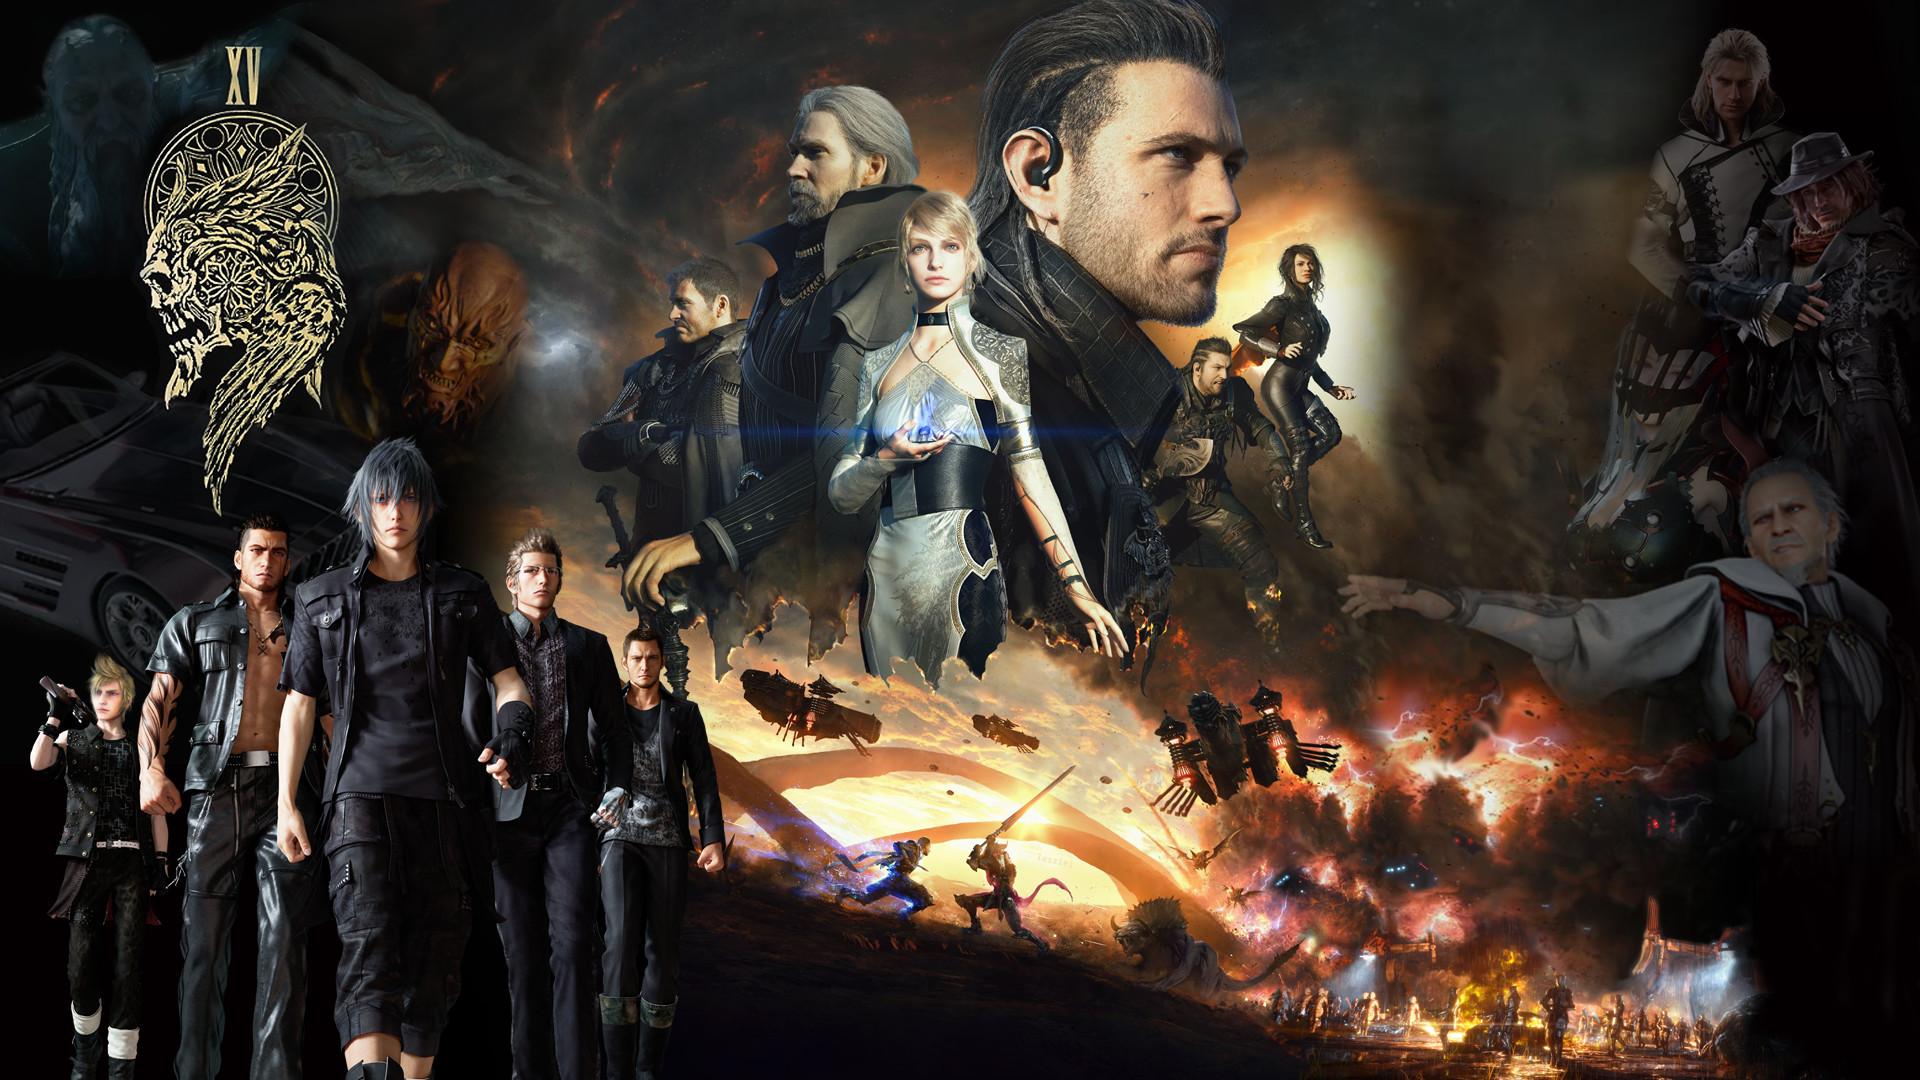 … Final Fantasy XV universe Wallpaper 1080p by REALzeles